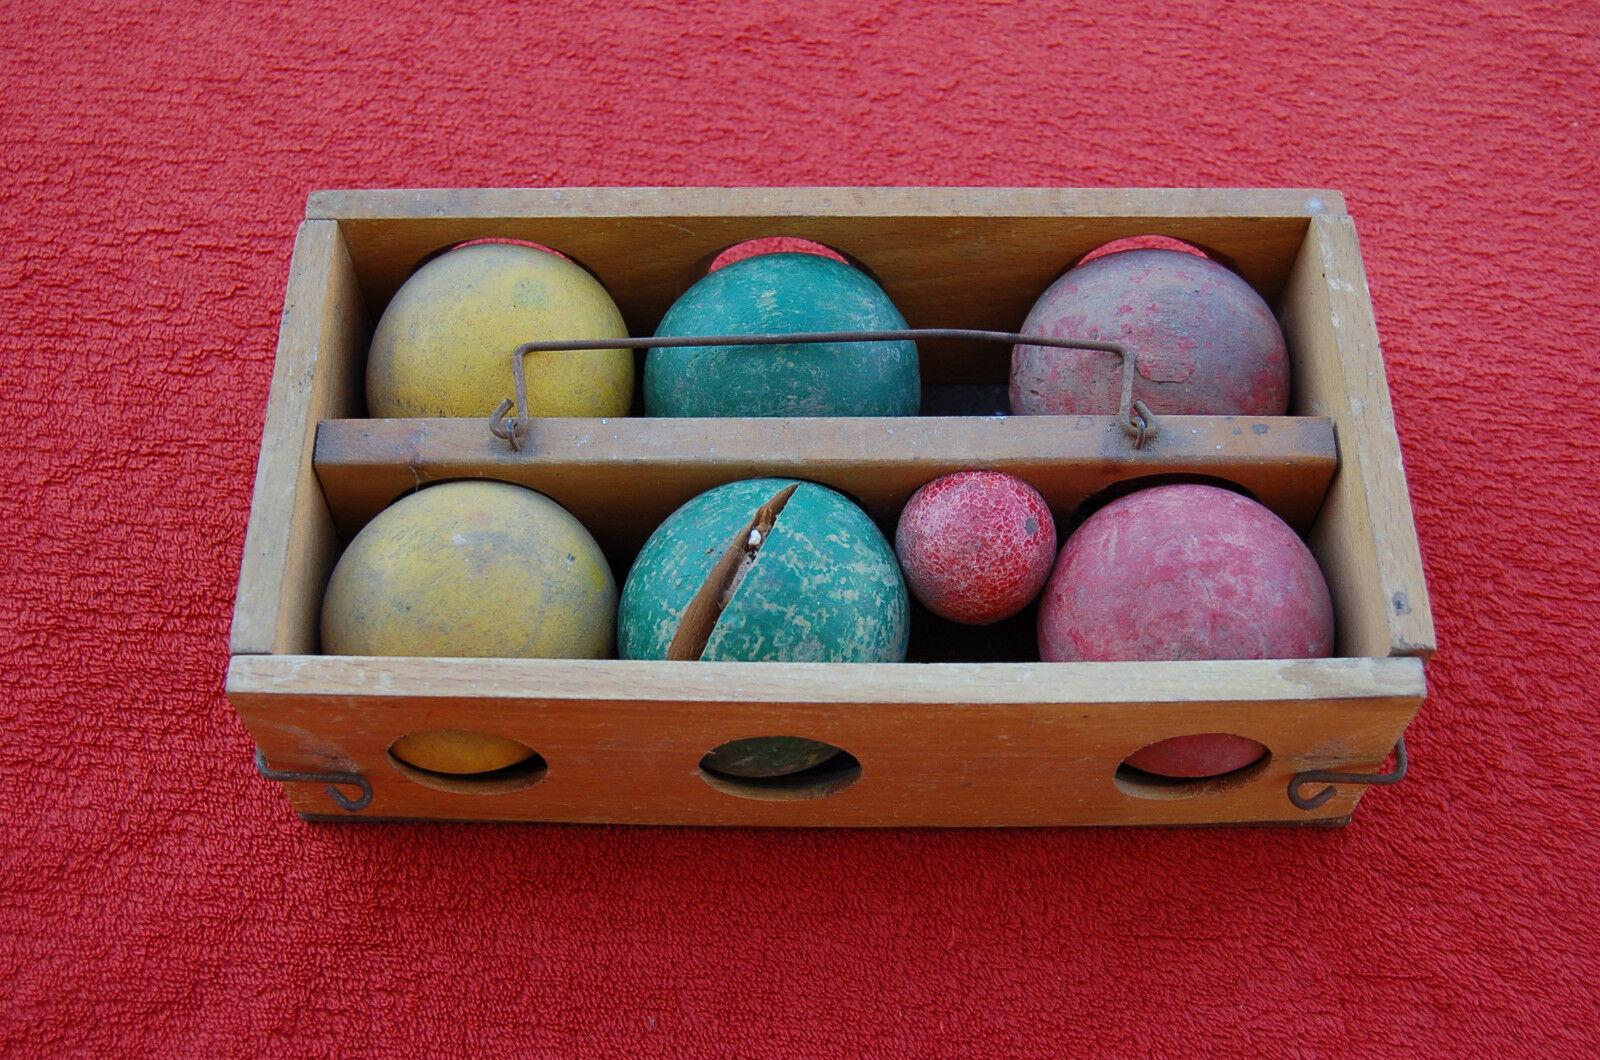 Juego de bolas de madera antiguo - six bolas de madera teñidos